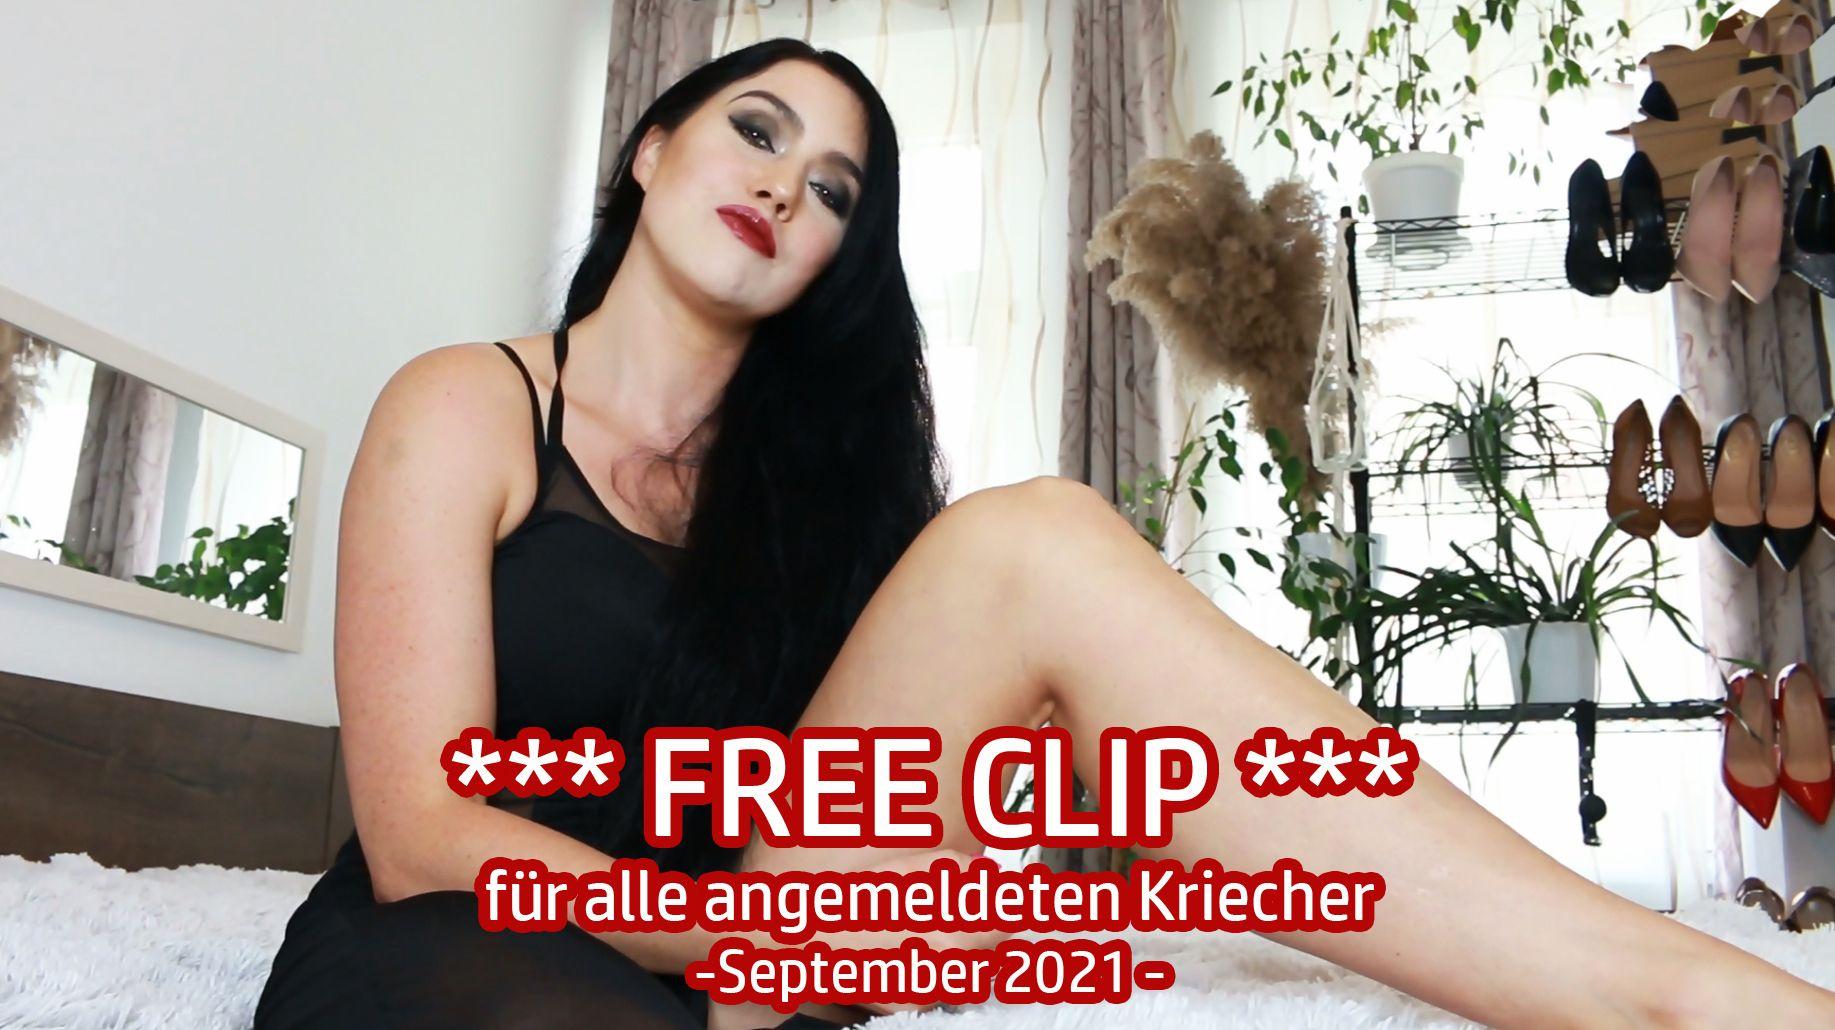 FREE CLIP für alle angemeldeten Kriecher - September 2021